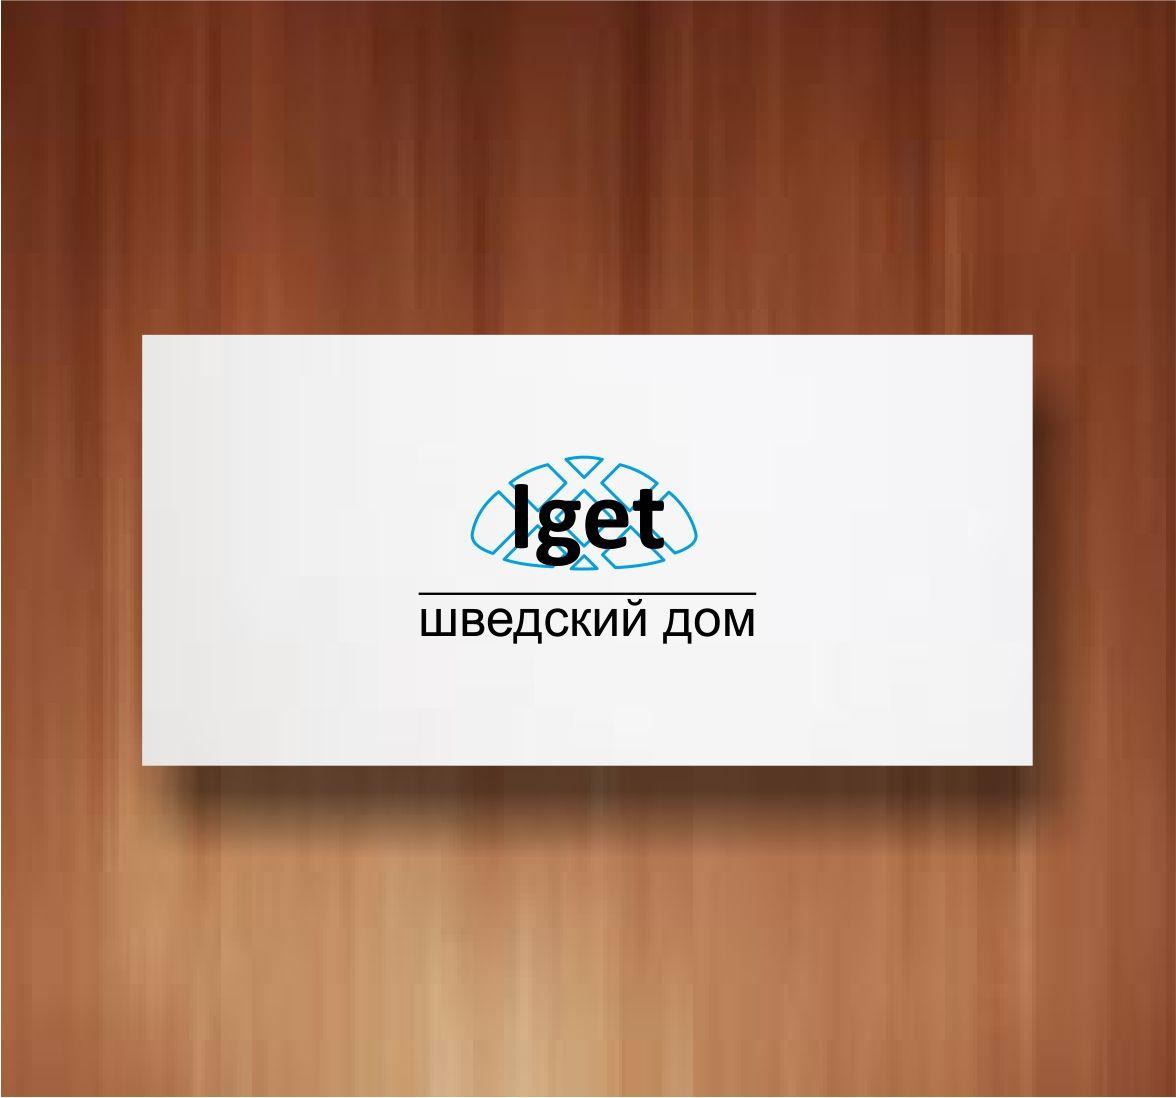 Логотип и фирменный стиль для Iget Шведский дом - дизайнер Schulman